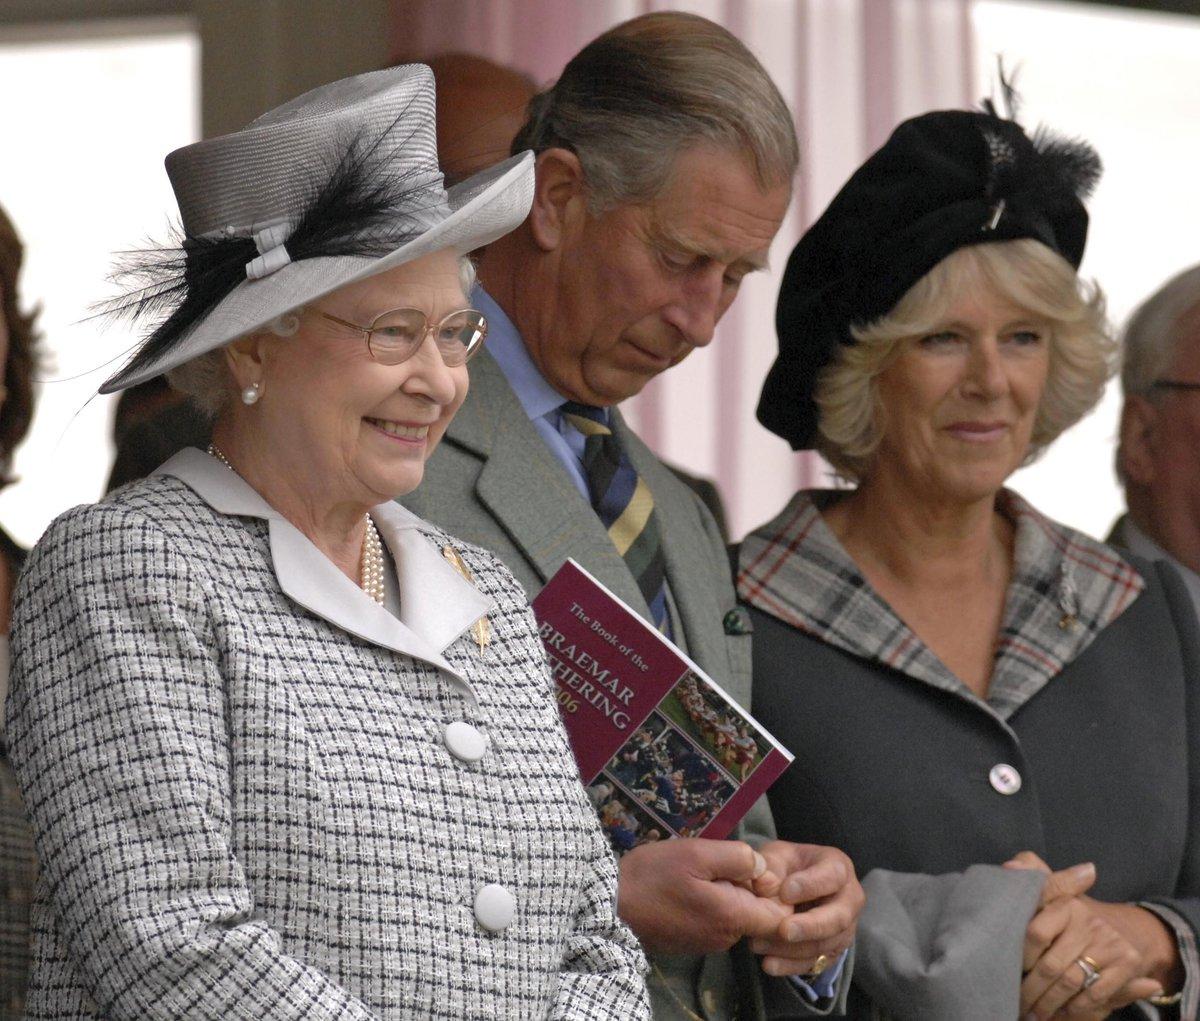 Královna Alžběta II. se svým synem princem Charlesem a jeho ženou vévodkyní Camillou.